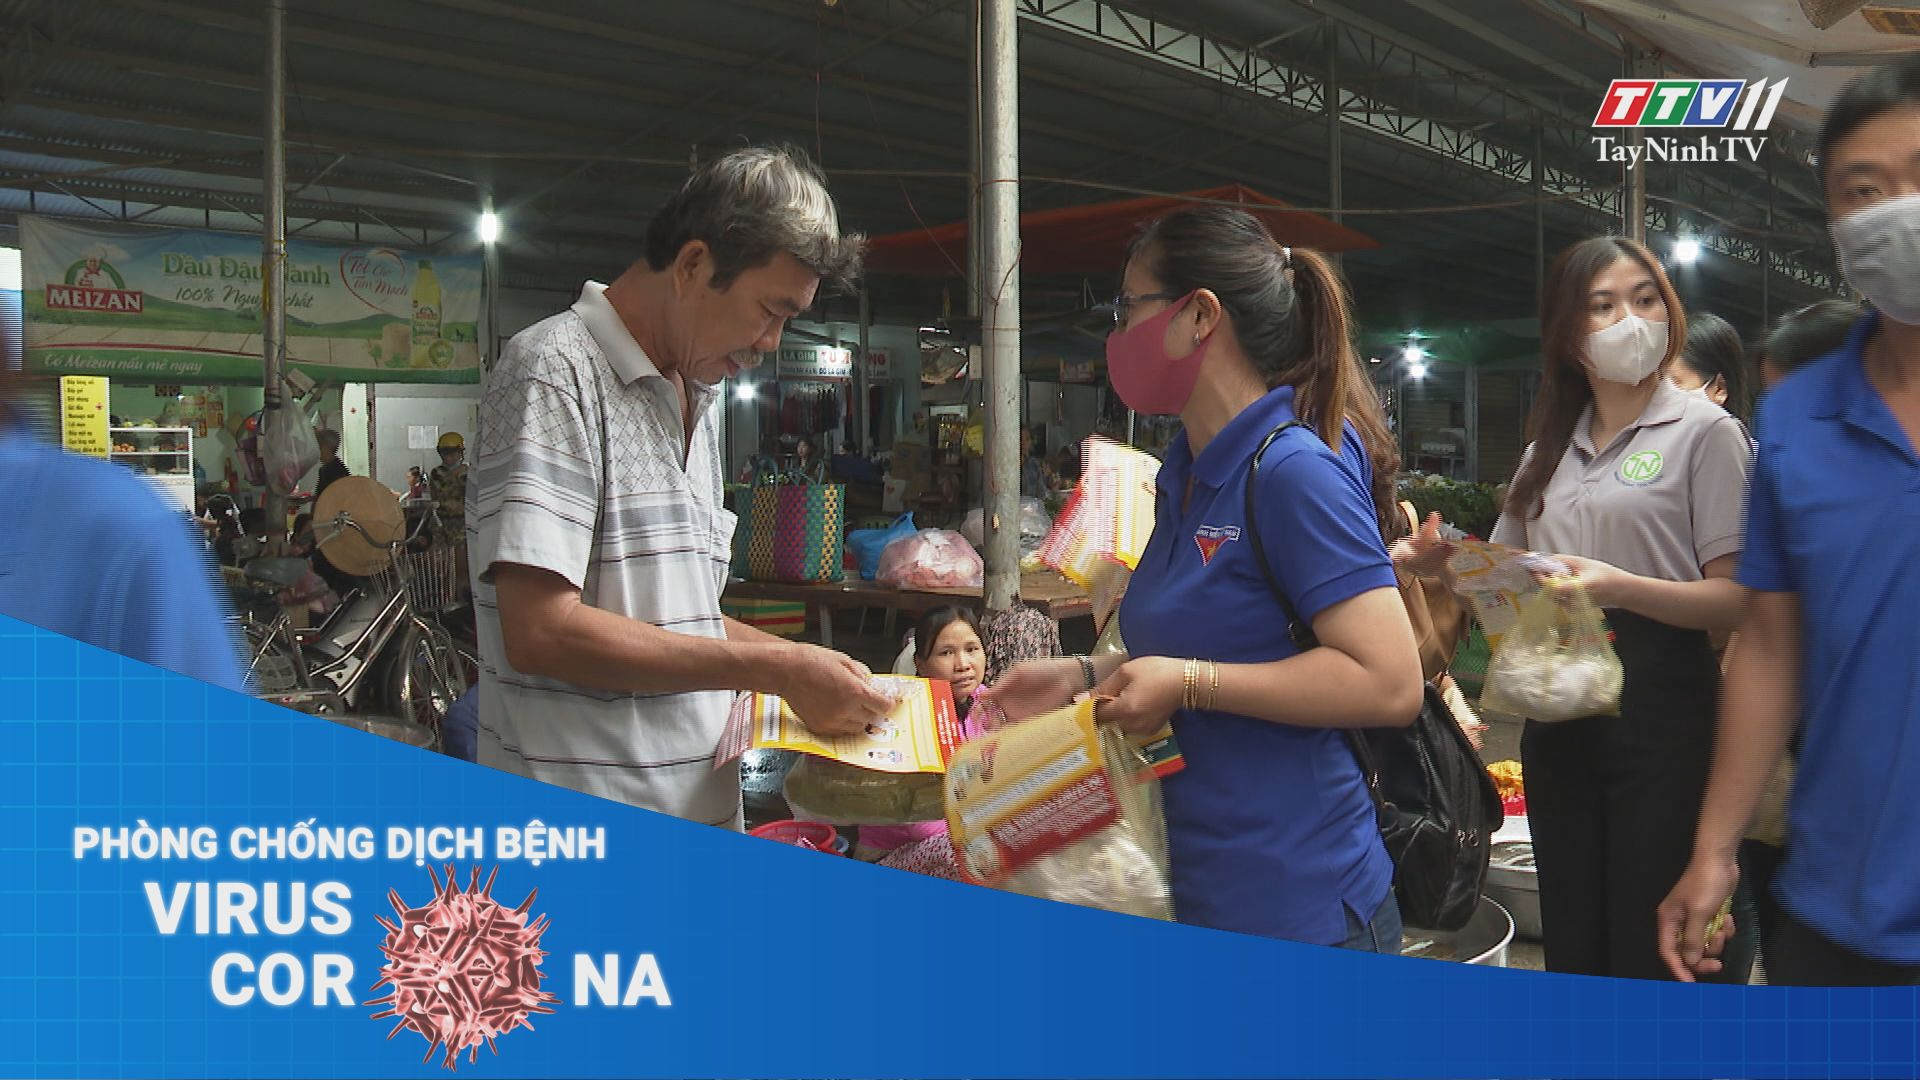 Đoàn viên thanh niên Tây Ninh chung tay phòng chống Covid-19 | THÔNG TIN DỊCH CÚM COVID-19 | TayNinhTV